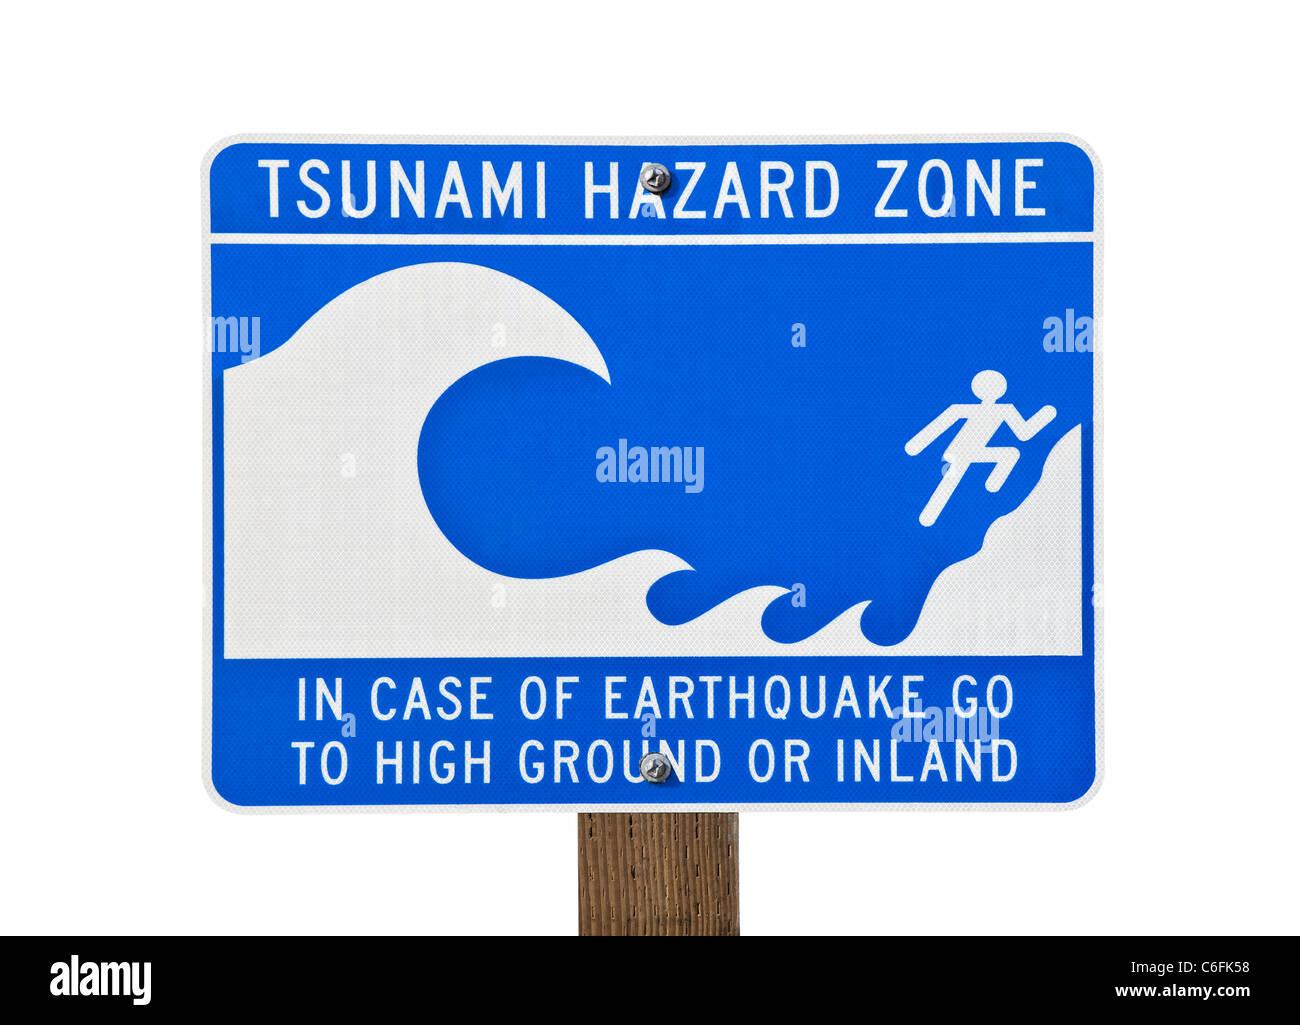 Tsunami warning zone sign isolated on white. Stock Photo